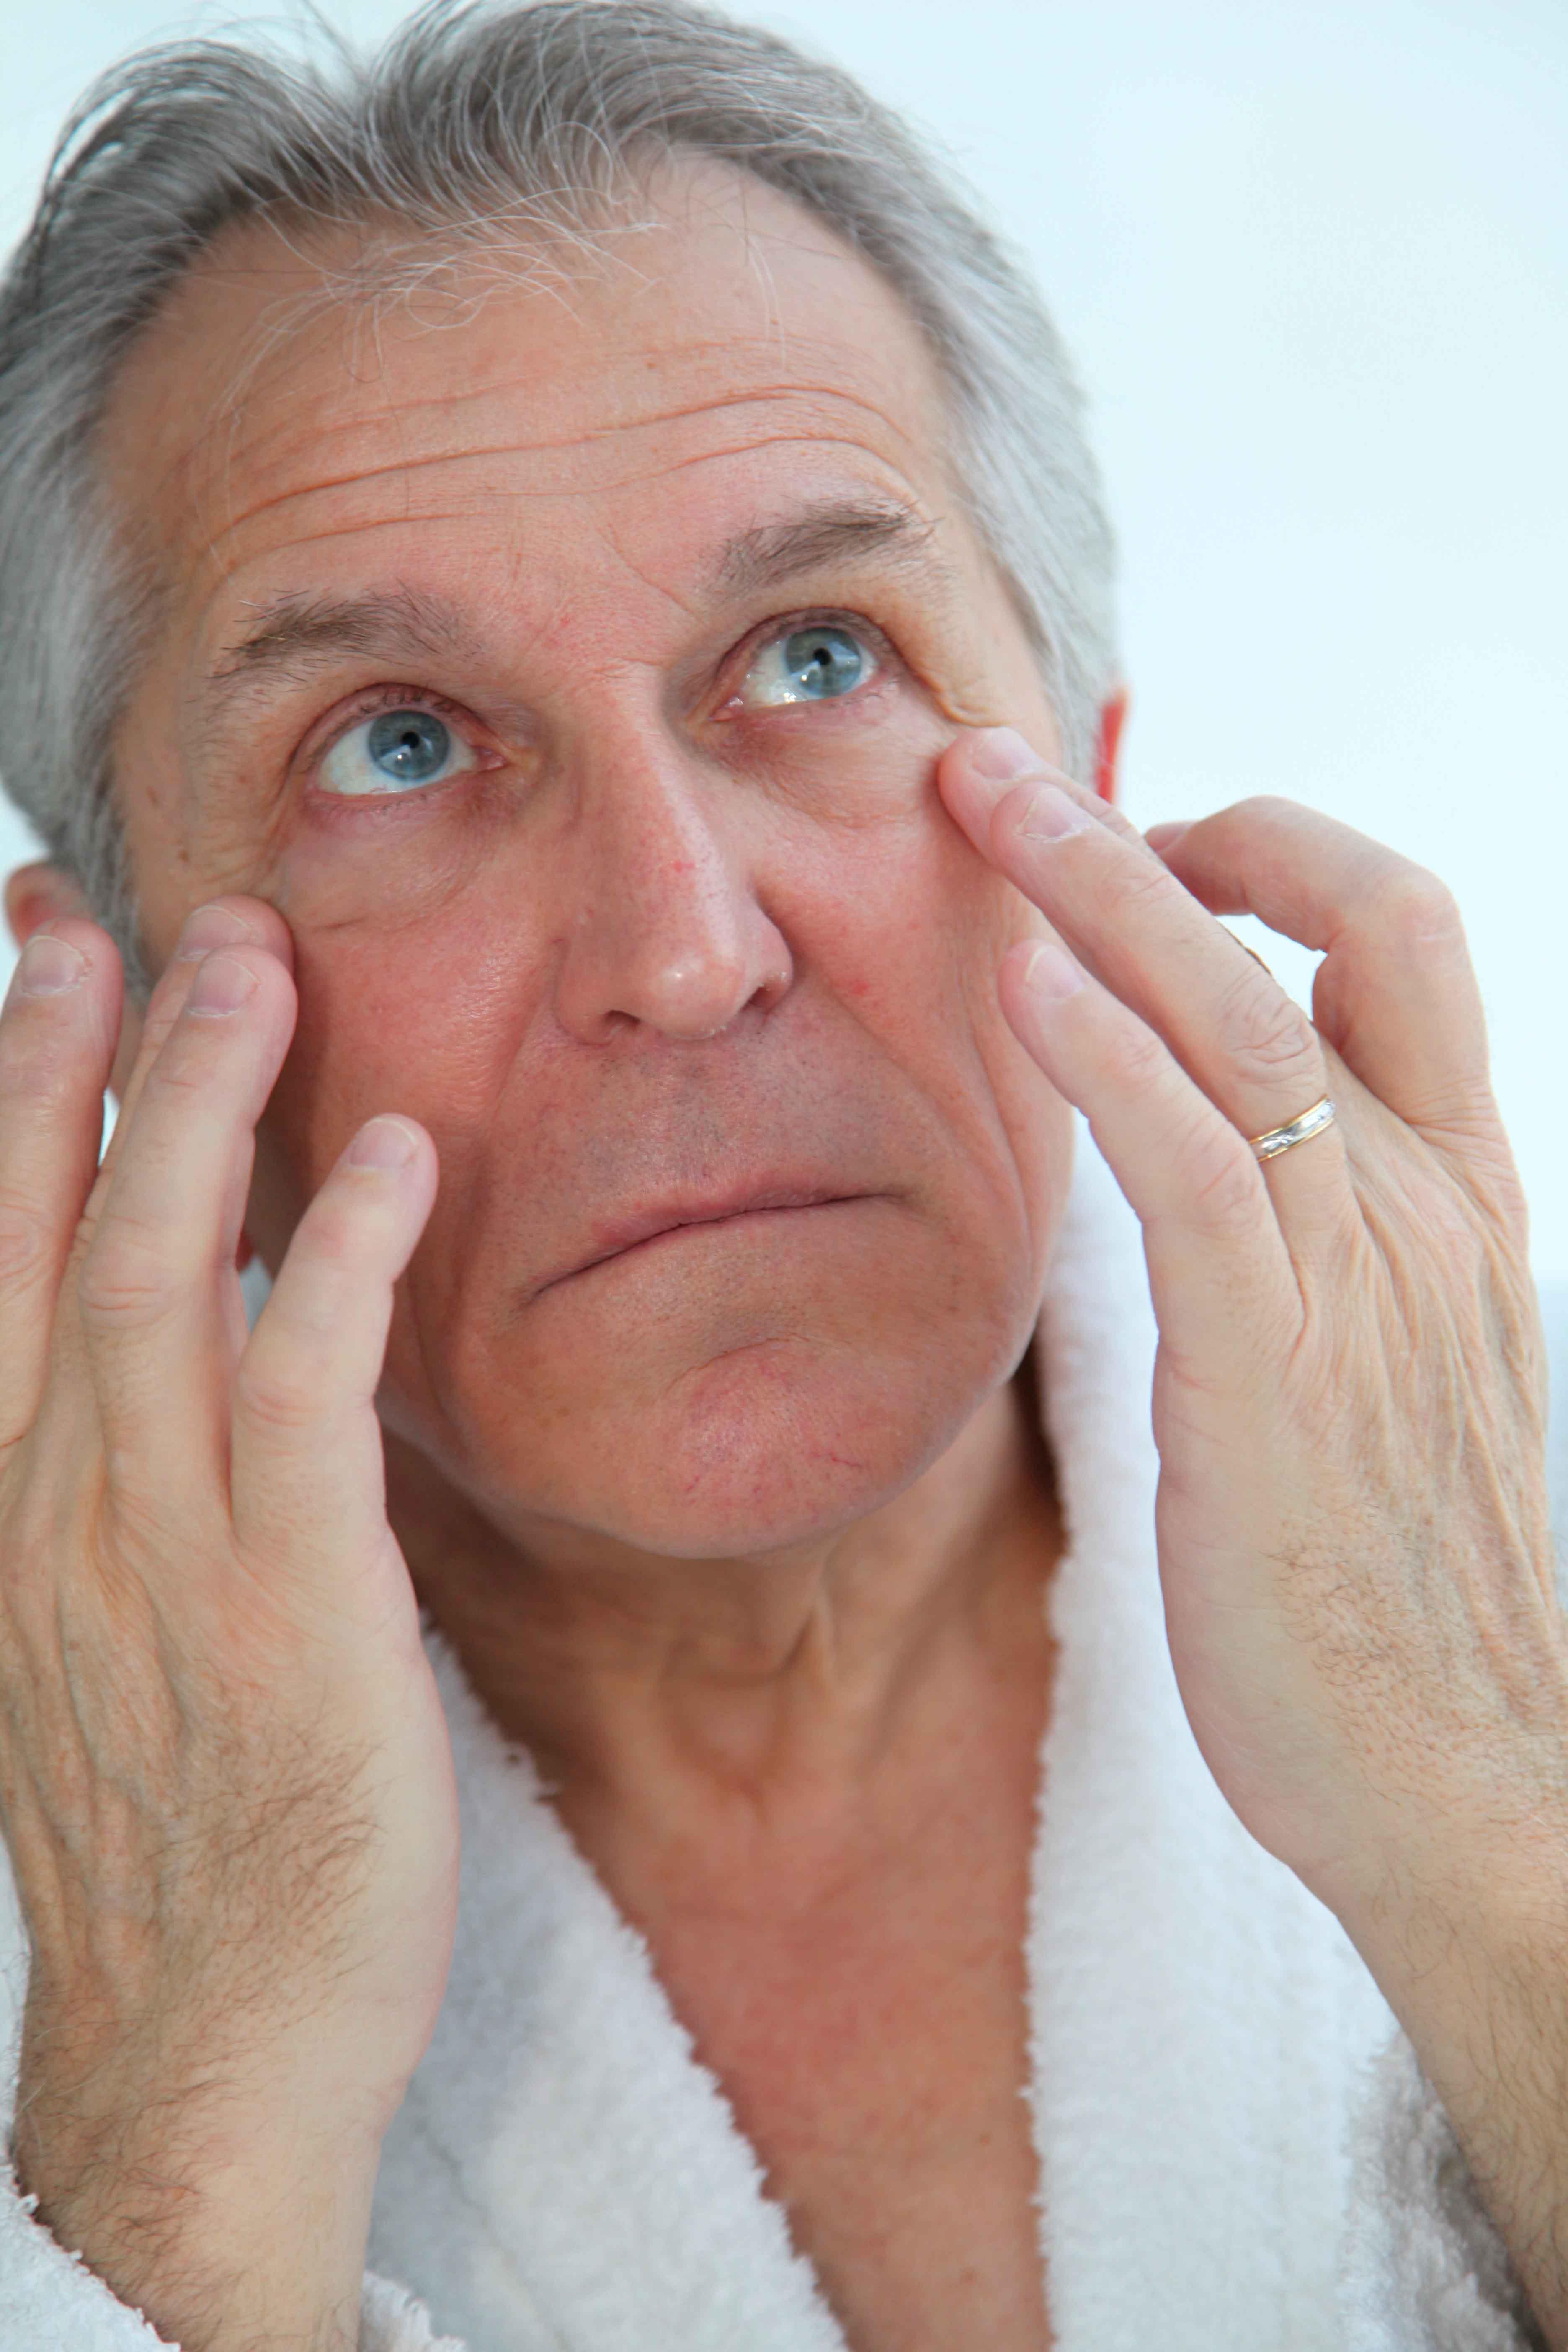 沙眼也是致盲主因 沙眼患者日常如何护理